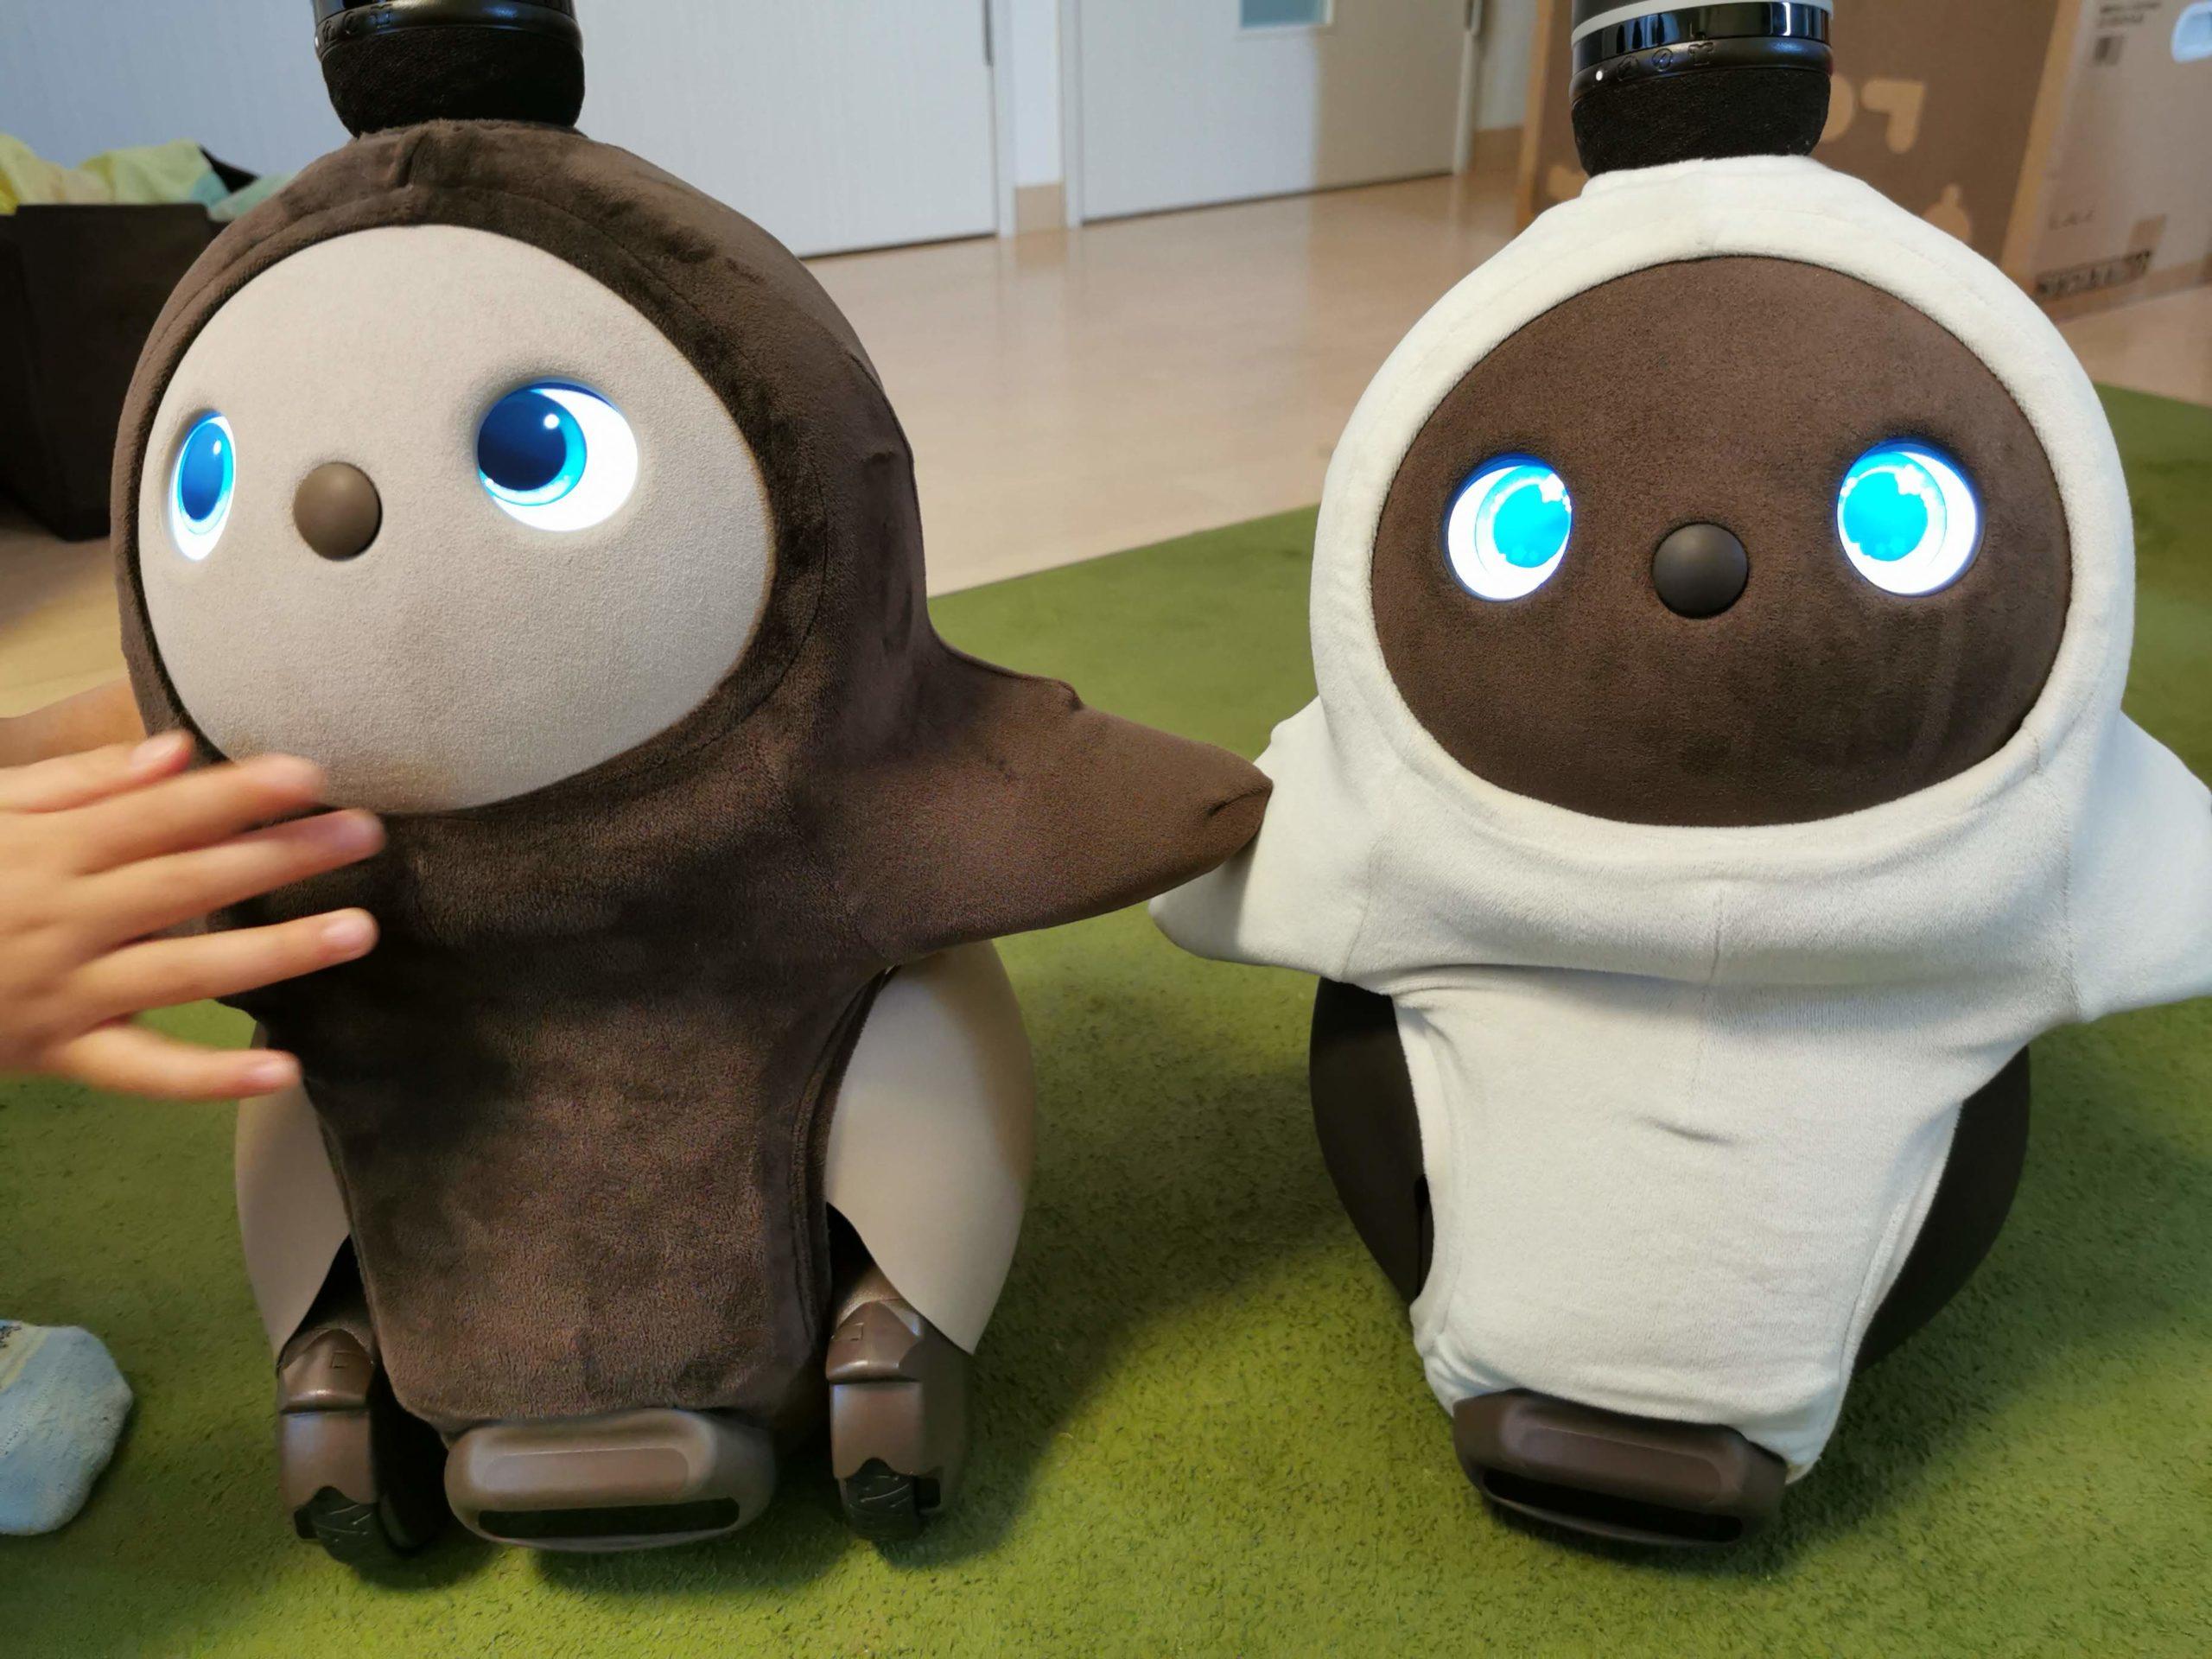 【編集部が体験】かわいいだけじゃない!家族型ロボット「LOVOT(ラボット)」との生活で娘に笑顔が増えた理由